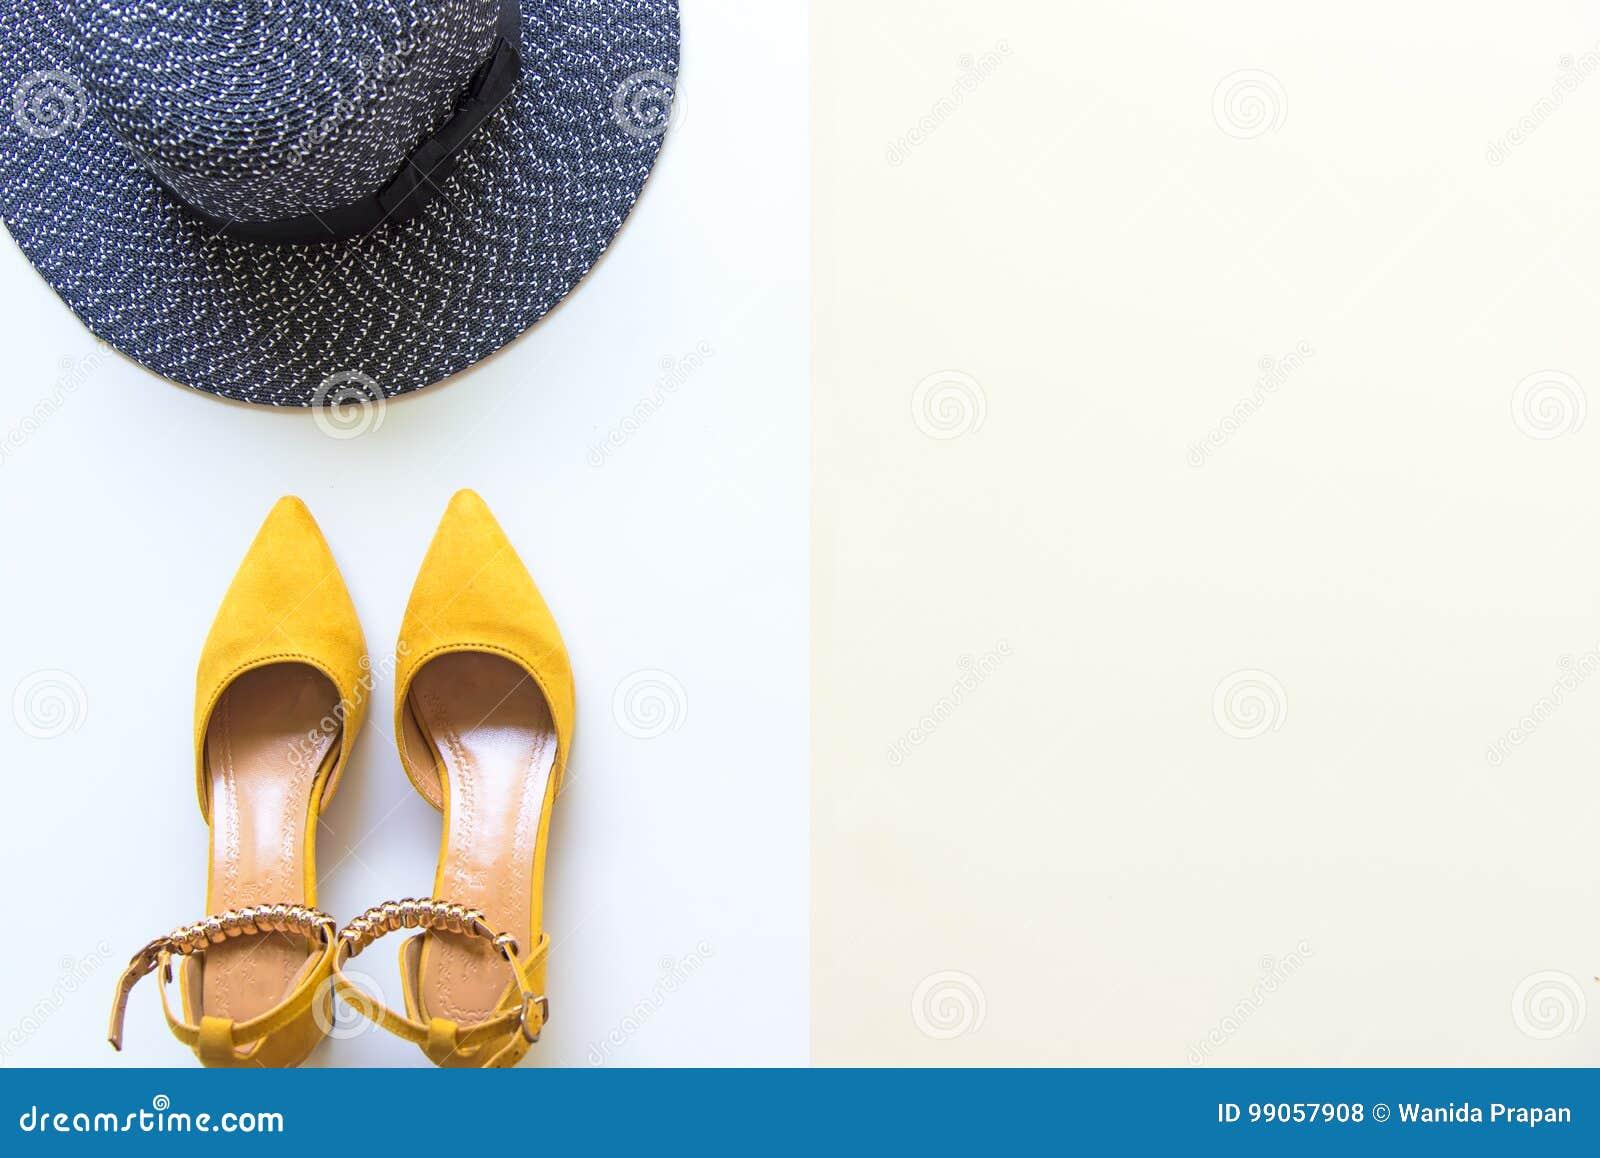 baf007806e Εξαρτήματα γυναικών μόδας καθορισμένα Καθιερώνοντα τη μόδα τακούνια  παπουτσιών μόδας κίτρινα